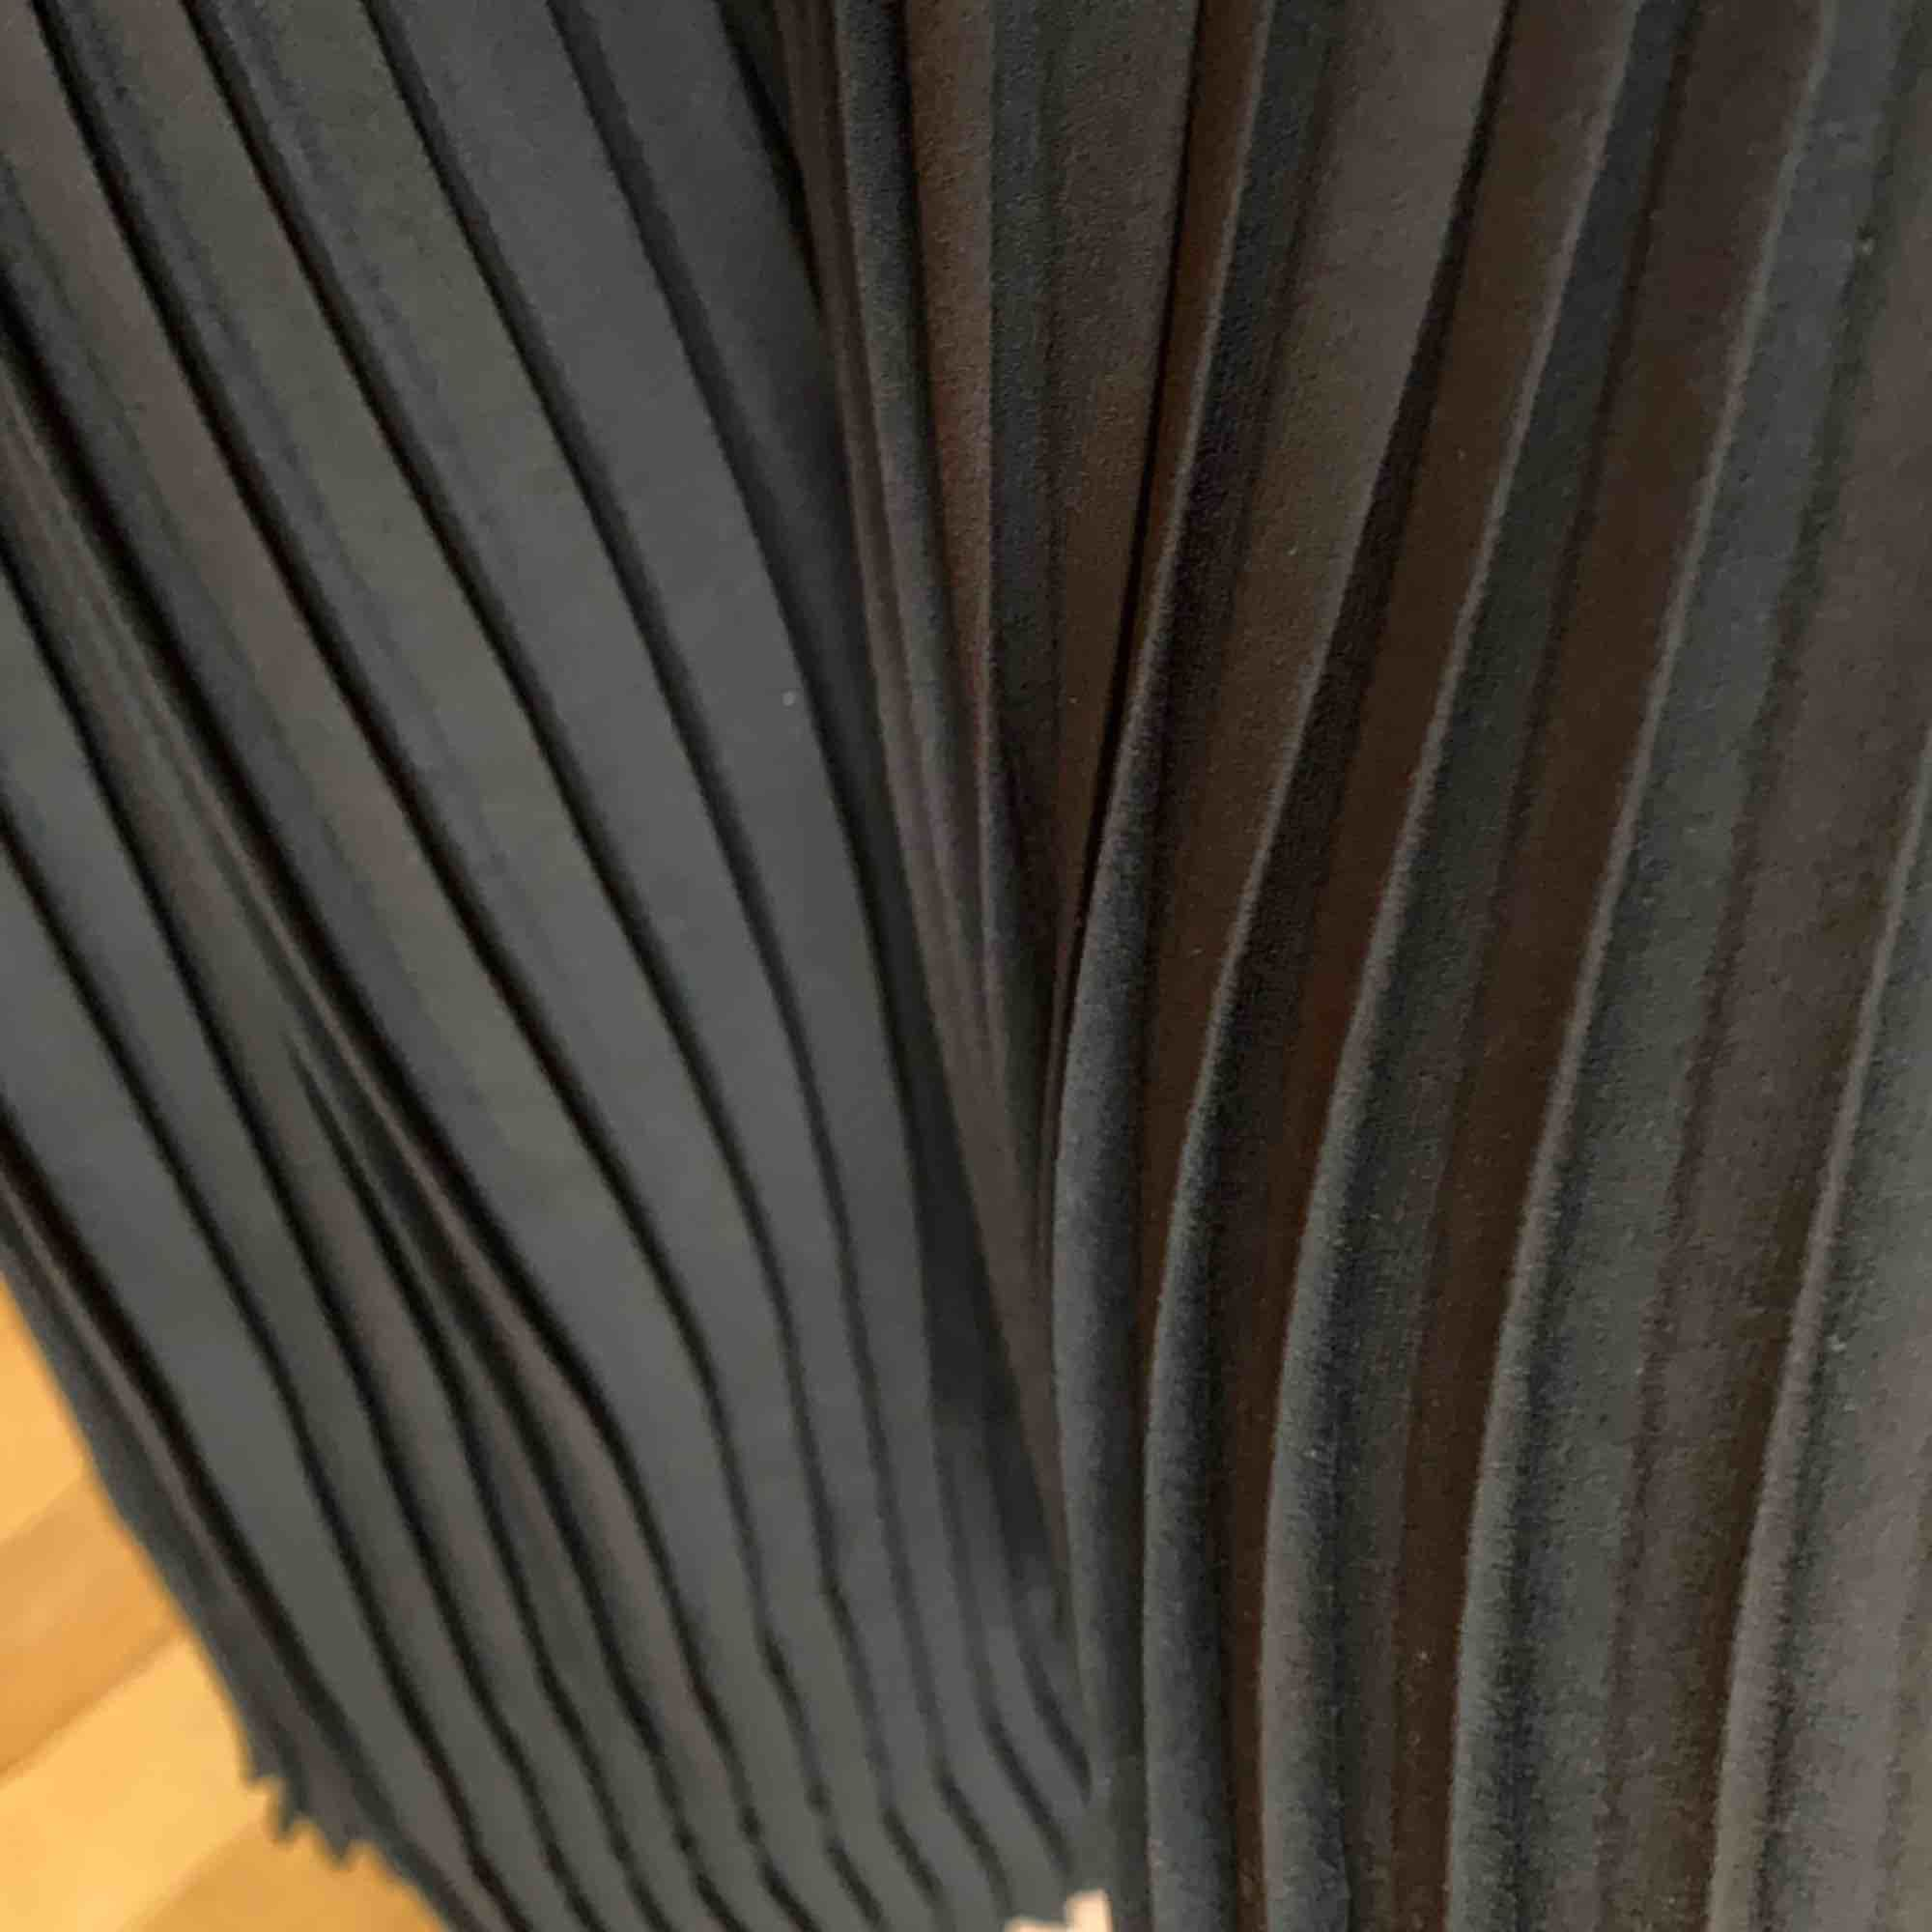 Vida, plisserade byxor från Zara. Jag är 166 cm lång och de är nästan fullängd på mig (se sista bilden). Resår i midjan. Använda men fortfarande i gott skick. Kan mötas i Malmö annars tillkommer avgift för frakt 💌. Jeans & Byxor.